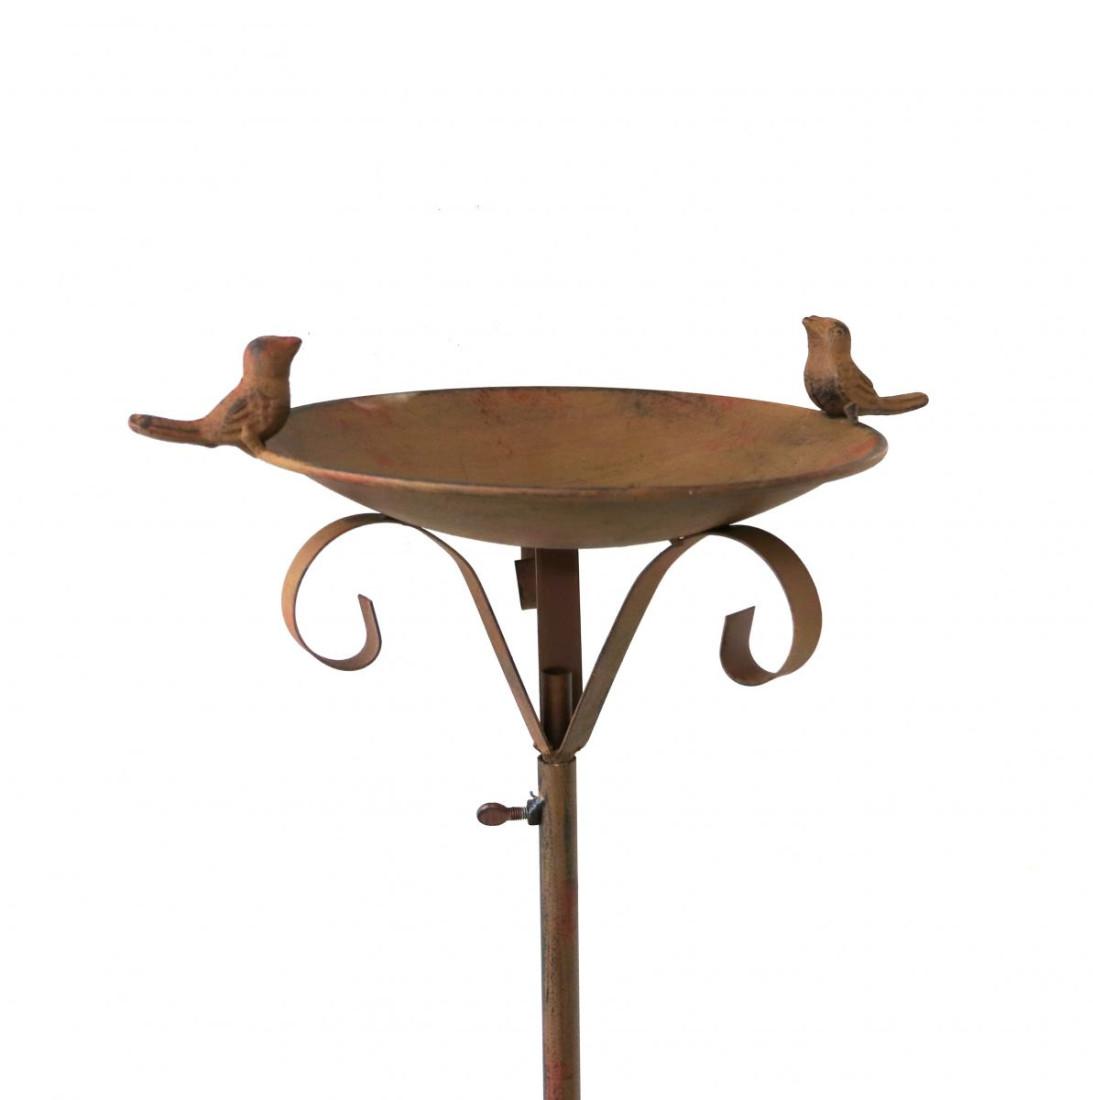 Metall Rankstab Vogeltraenke Vogeltränke Futterschale Rankstab Dekostab Garten Metall Gartendeko Gartenstecker braun H 120 cm SW150075